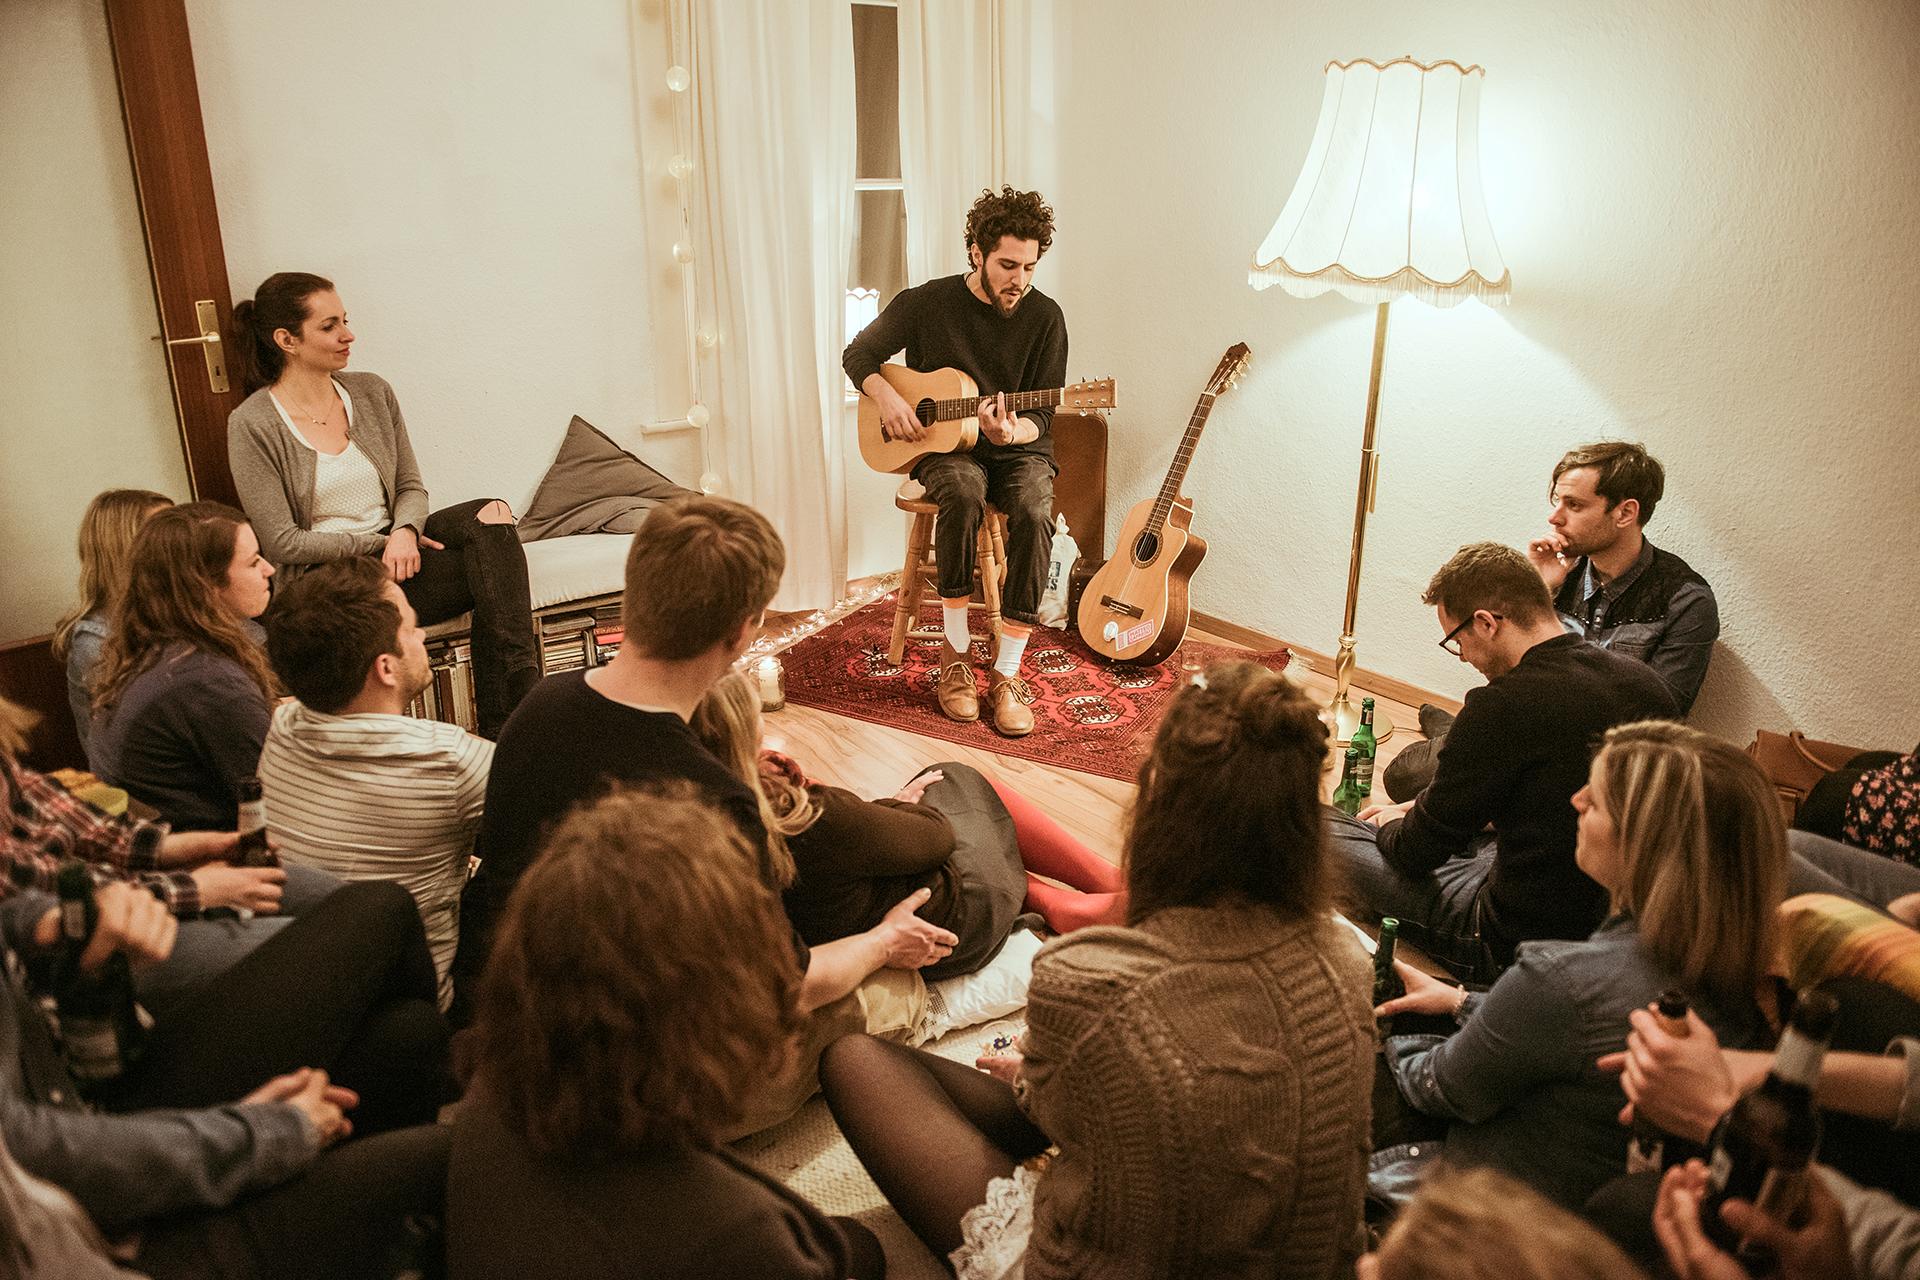 Matteo Capreoli auf einem Sofakonzert